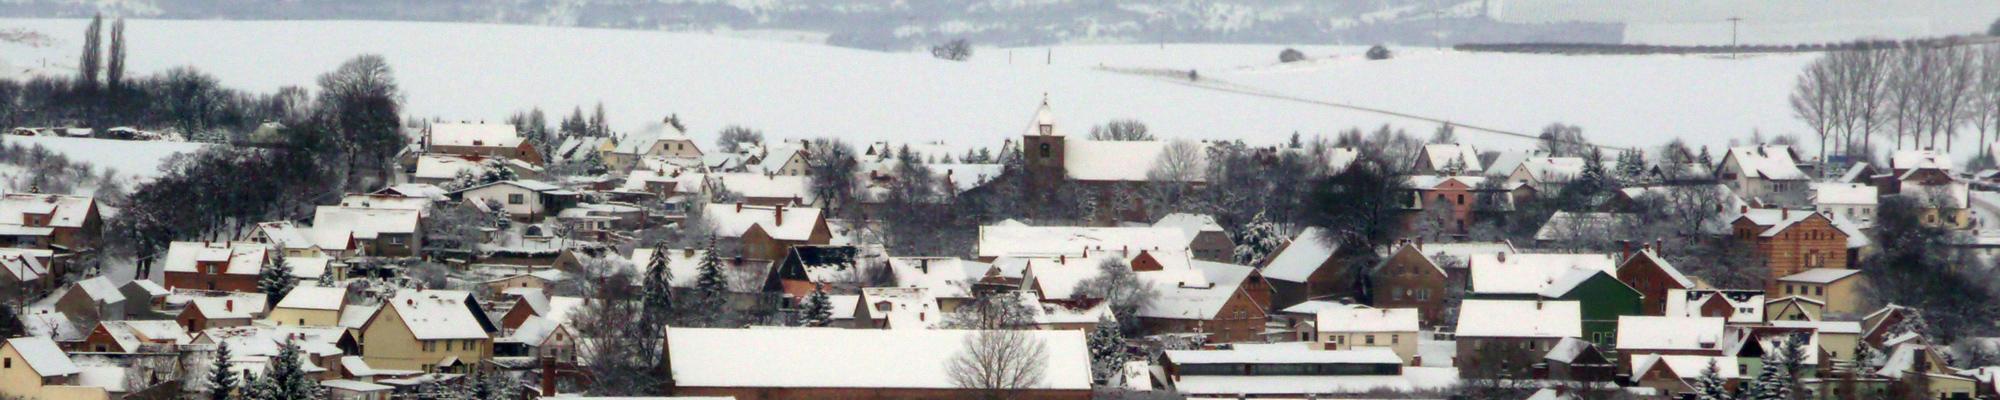 Erdeborn